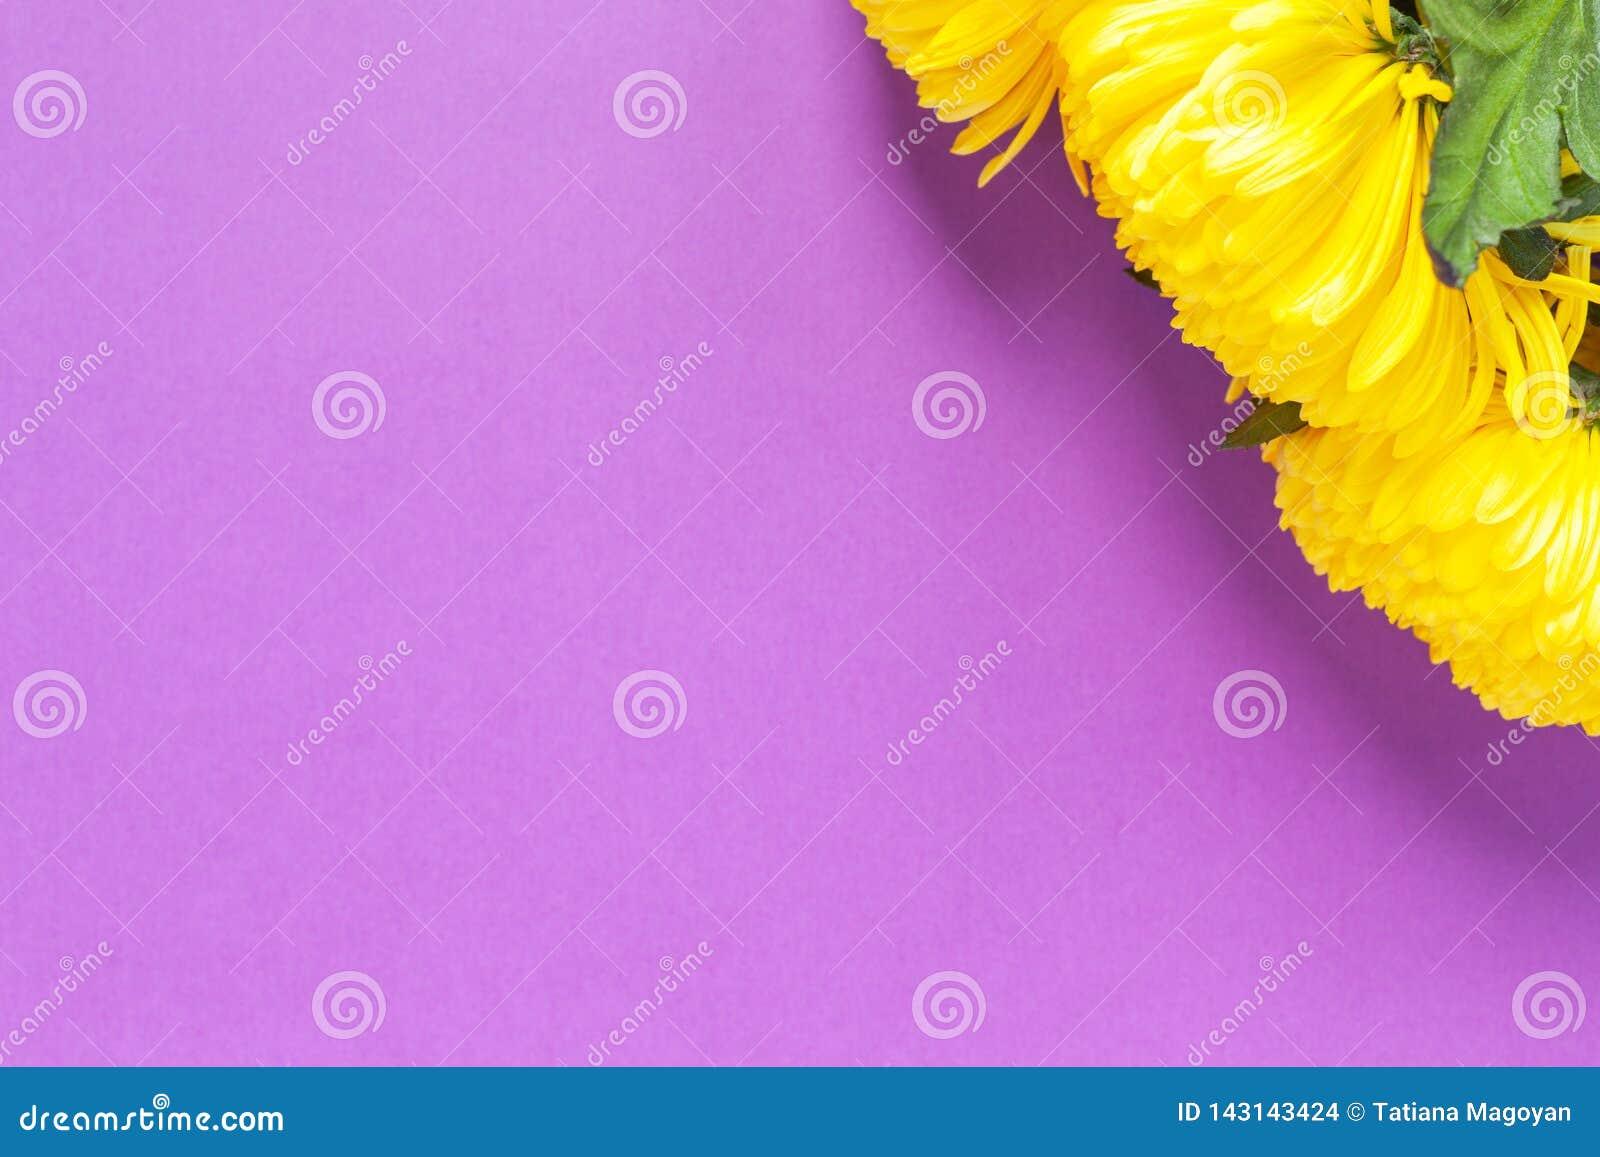 Wibrujące żółte chryzantemy na wiosna krokusa purpur tle Mieszkanie nieatutowy horyzontalny Mockup z kopii przestrzenią dla kartk